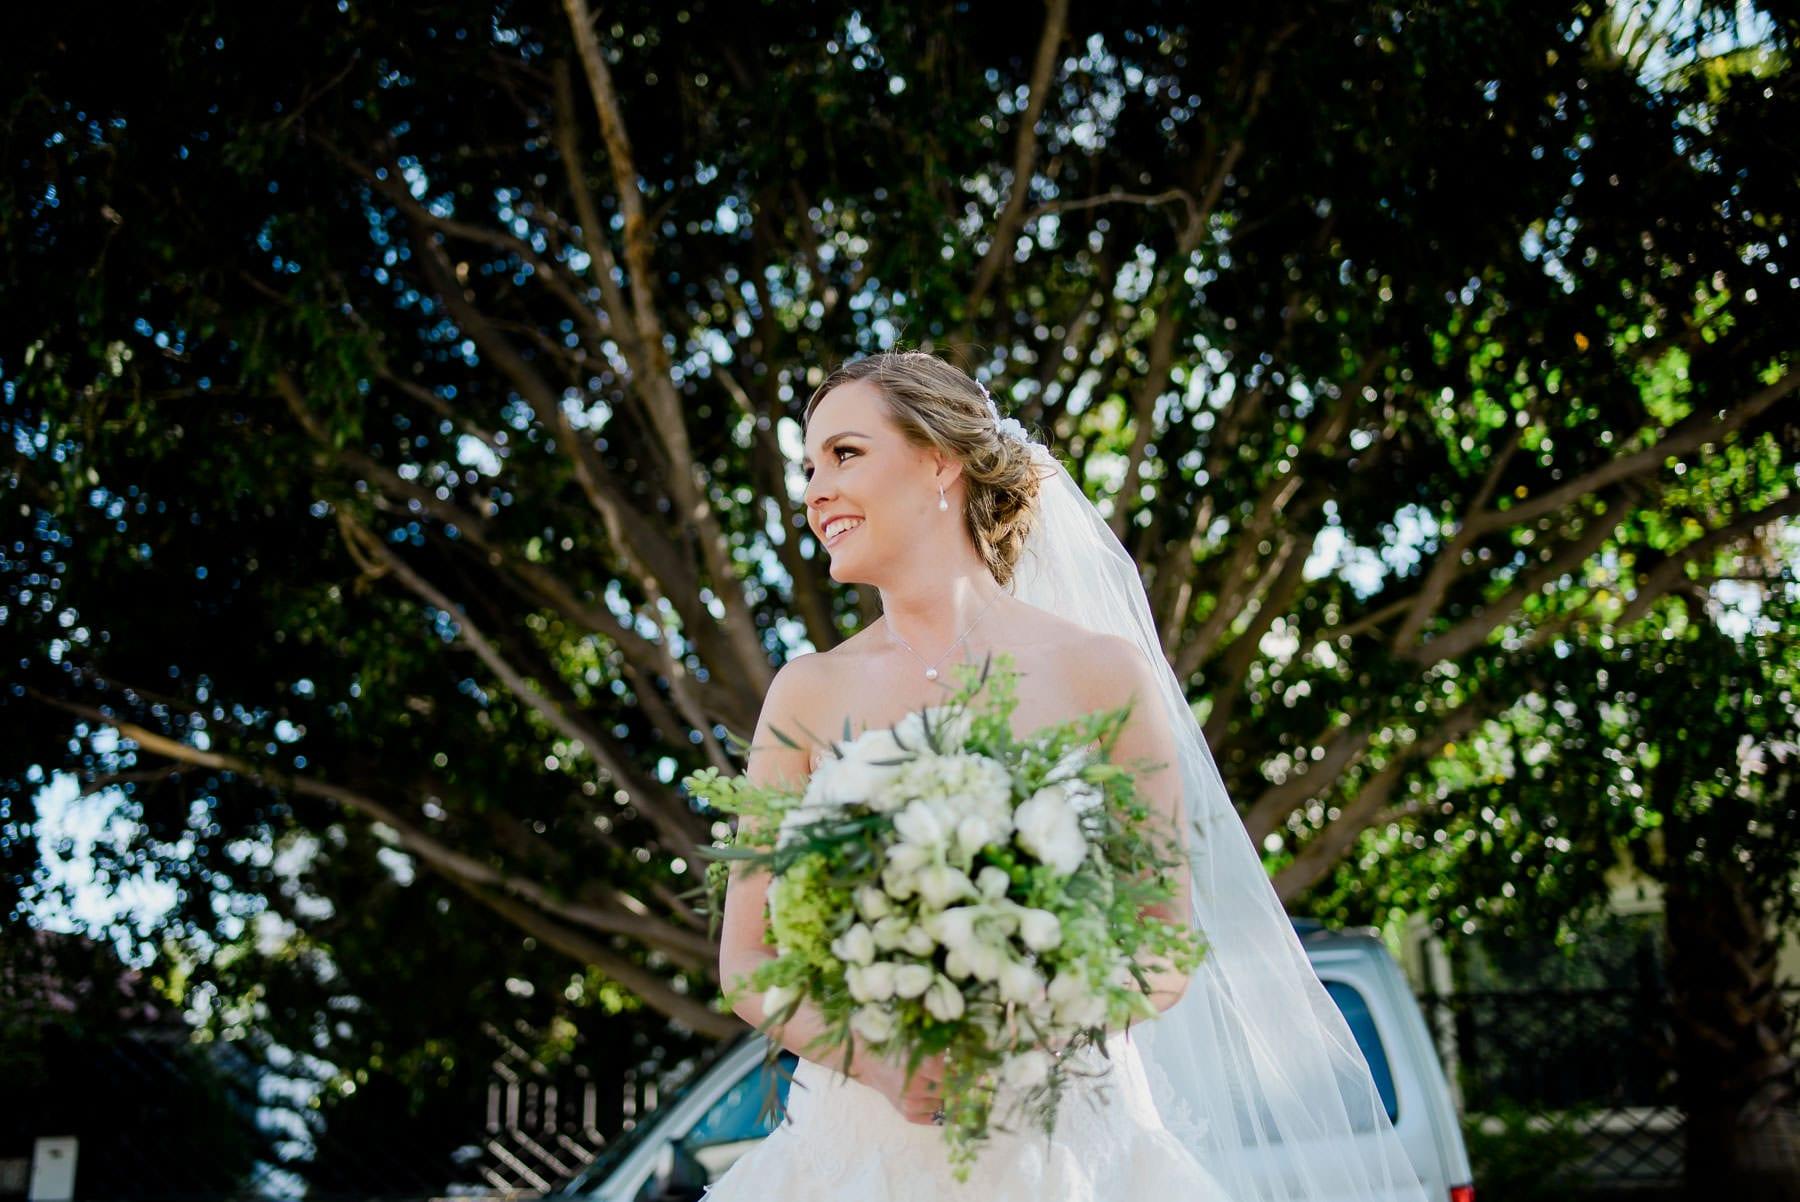 fotografo-de-bodas-en-queretaro-16